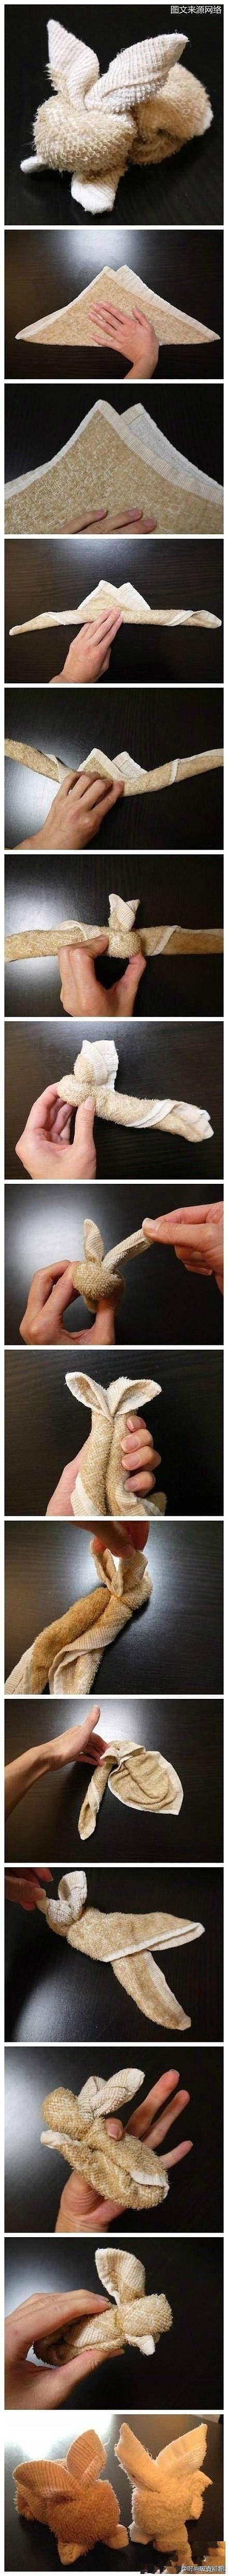 Towels Animals - Zwierzęta z ręczników - Origami z ręczników - rabbit - królik